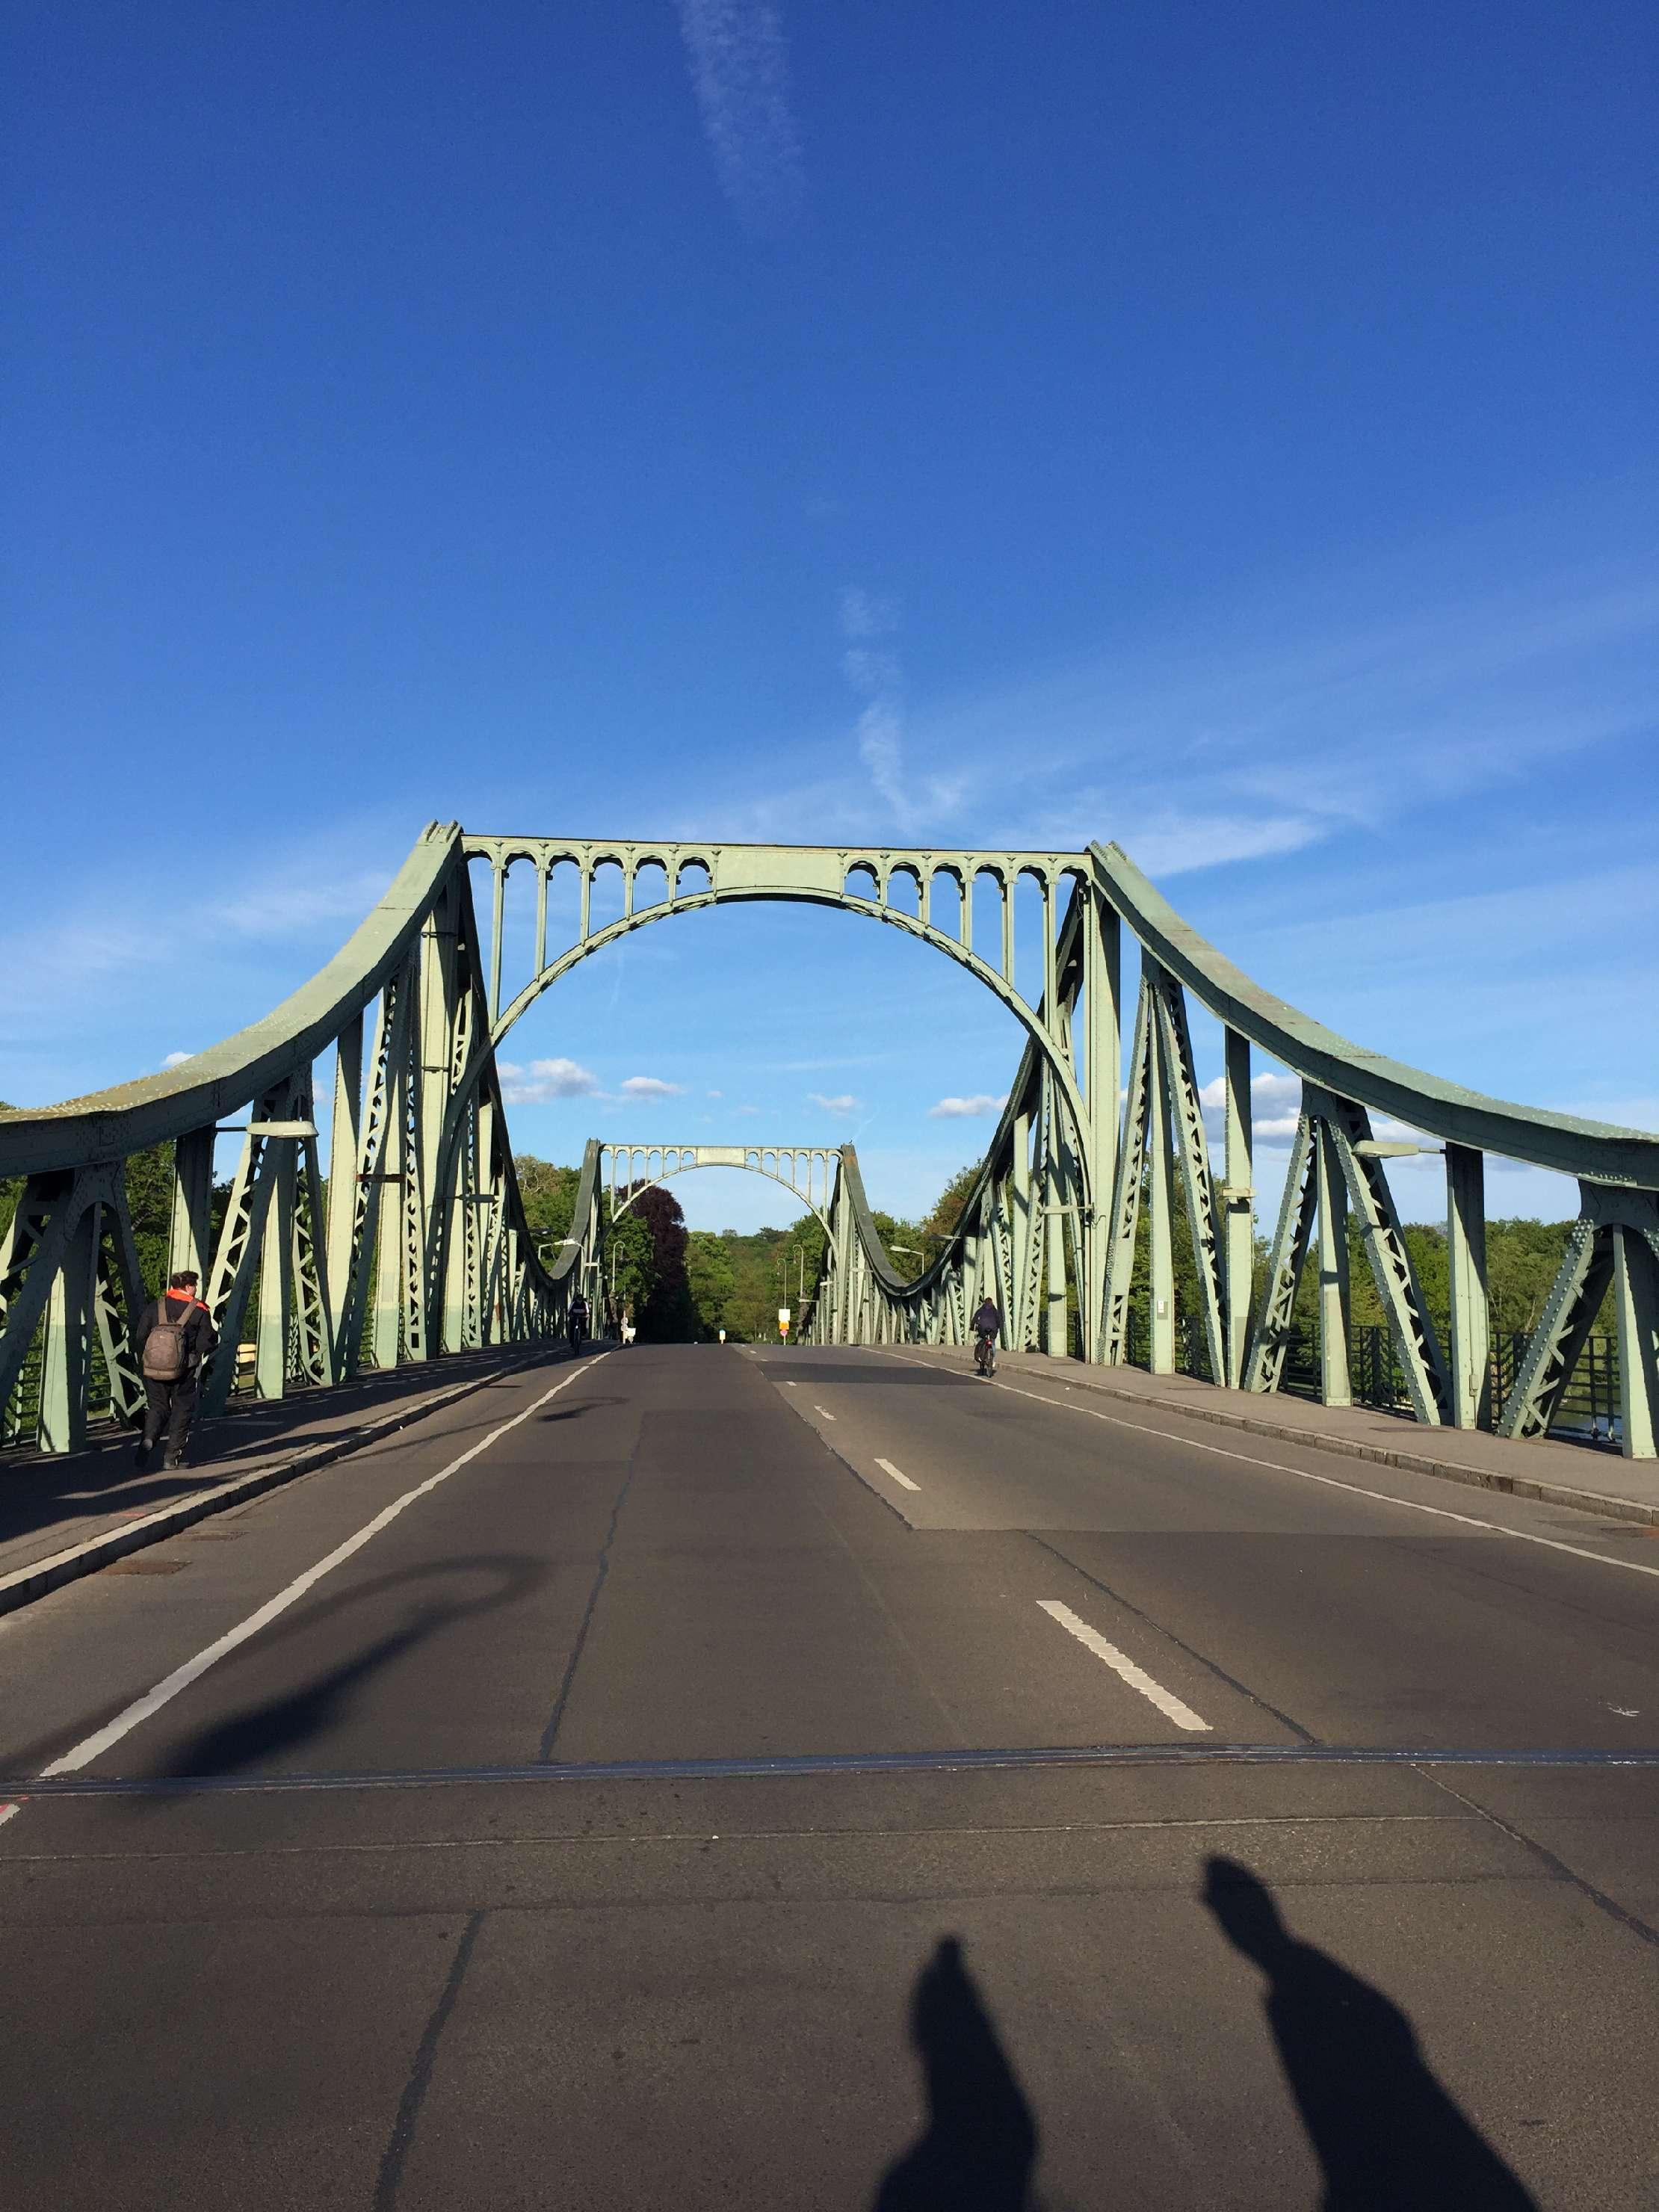 El puente de los espías Königstraße, 14109 Berlin, Alemania